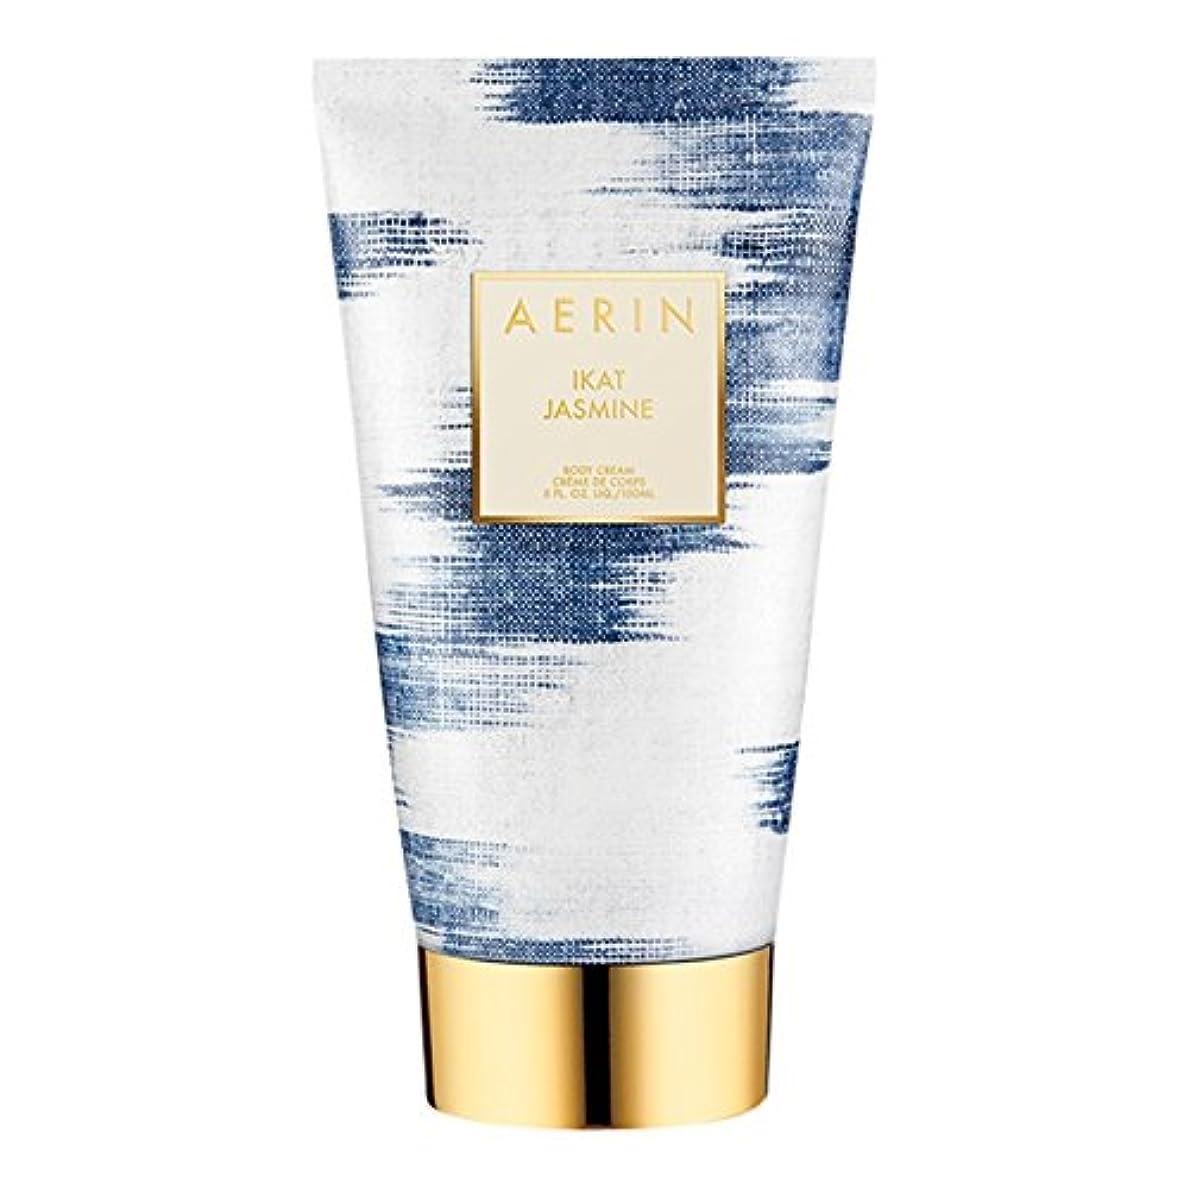 官僚摂動富Aerinイカットジャスミンボディクリーム150ミリリットル (AERIN) (x6) - AERIN Ikat Jasmine Body Cream 150ml (Pack of 6) [並行輸入品]